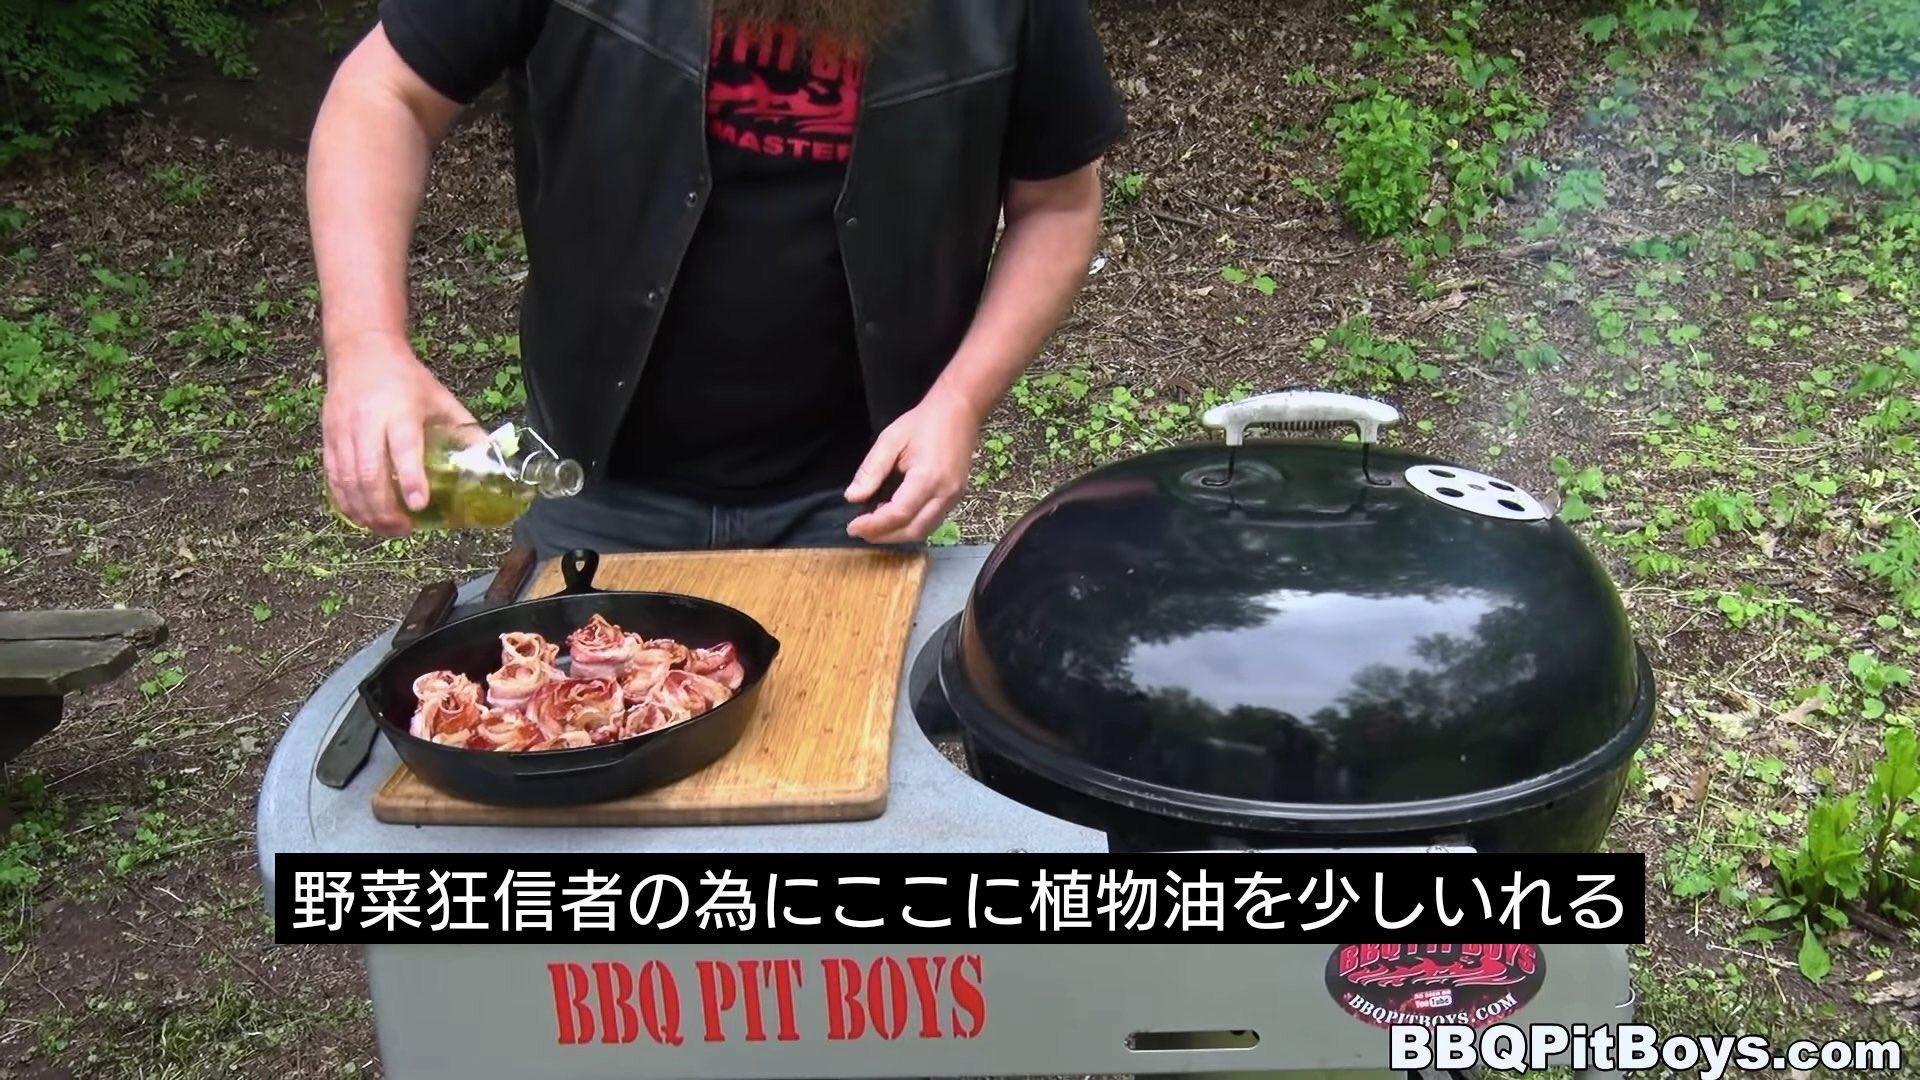 【画像】お肉大好きアメリカ人、ベジタリアンへの配慮も忘れない